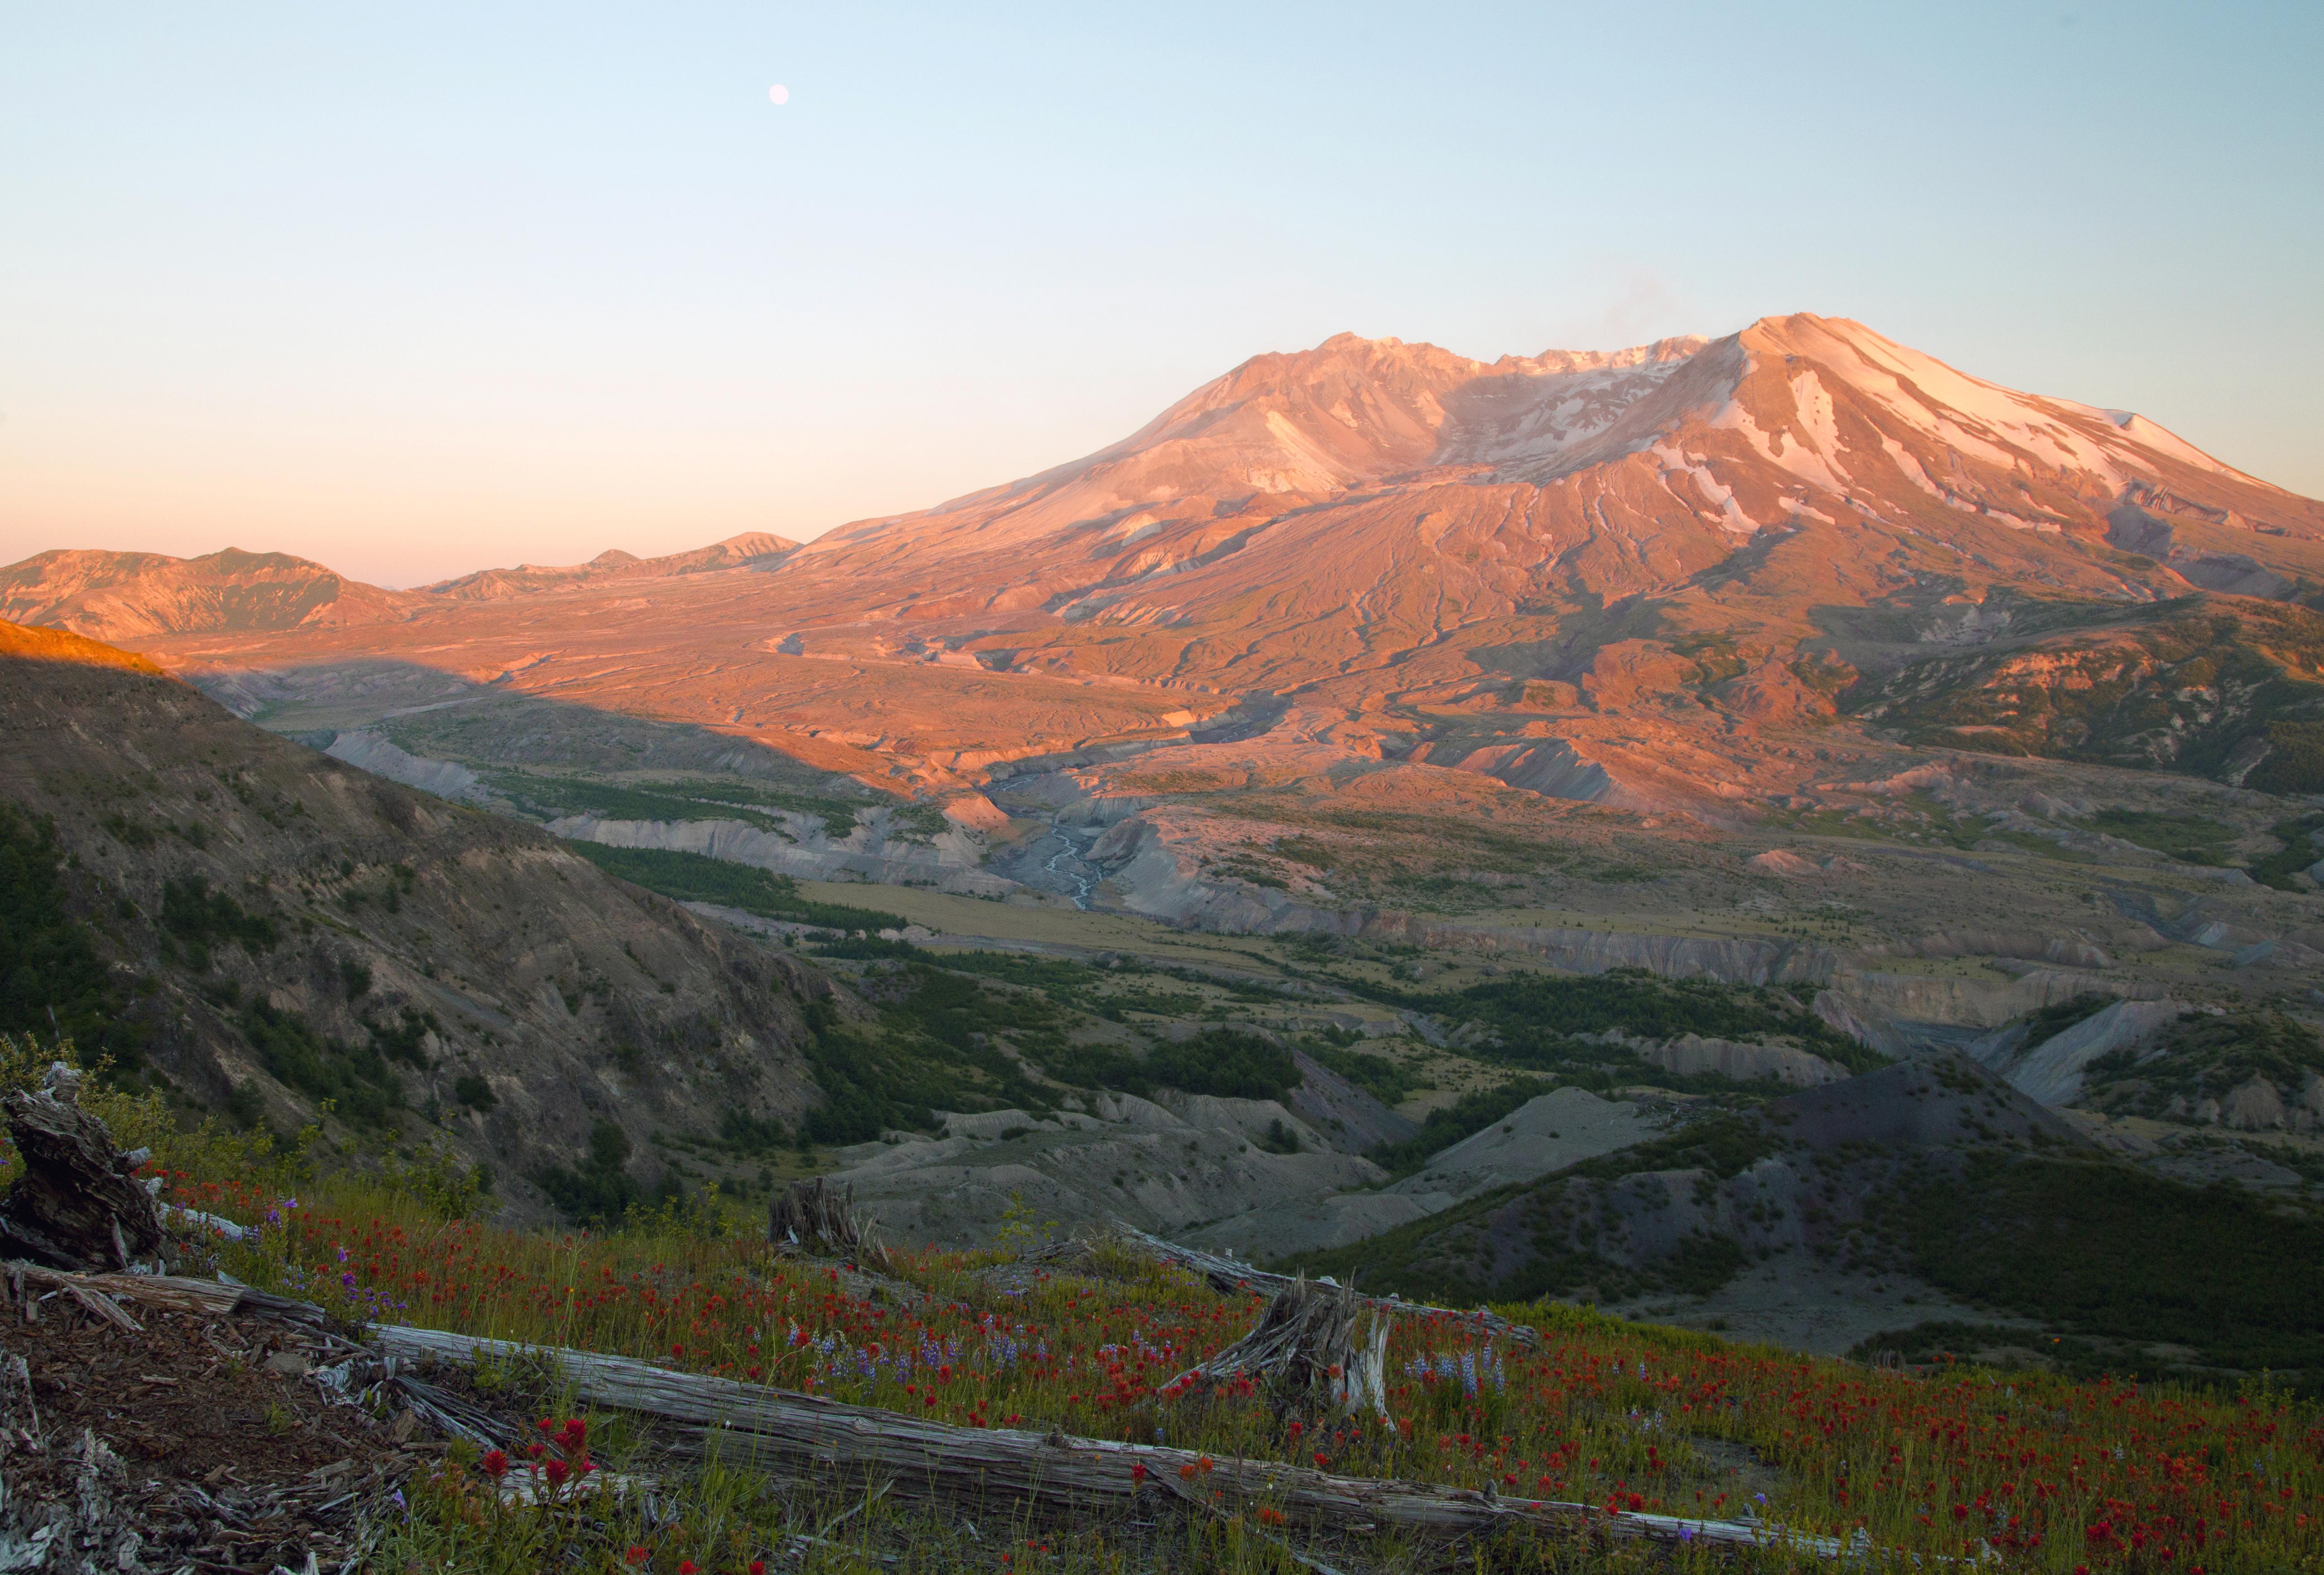 http://www.palouseaudubon.org/wp-content/uploads/2017/09/2nd-Nature-Schutt-Mt-St-Helens-at-sunset.jpg